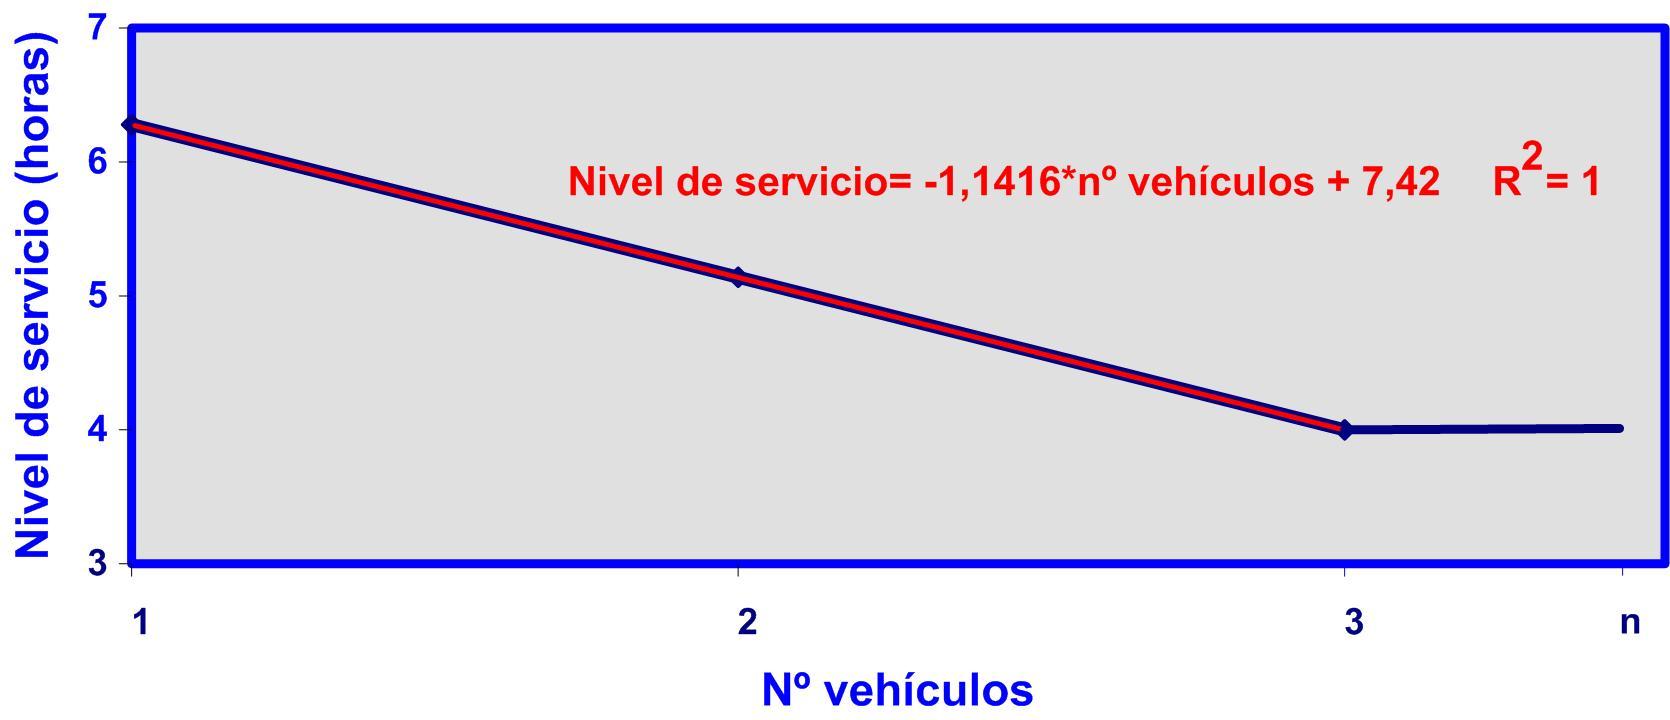 Gráfico 7 07092015 Nivel de servicio nº vehículos II